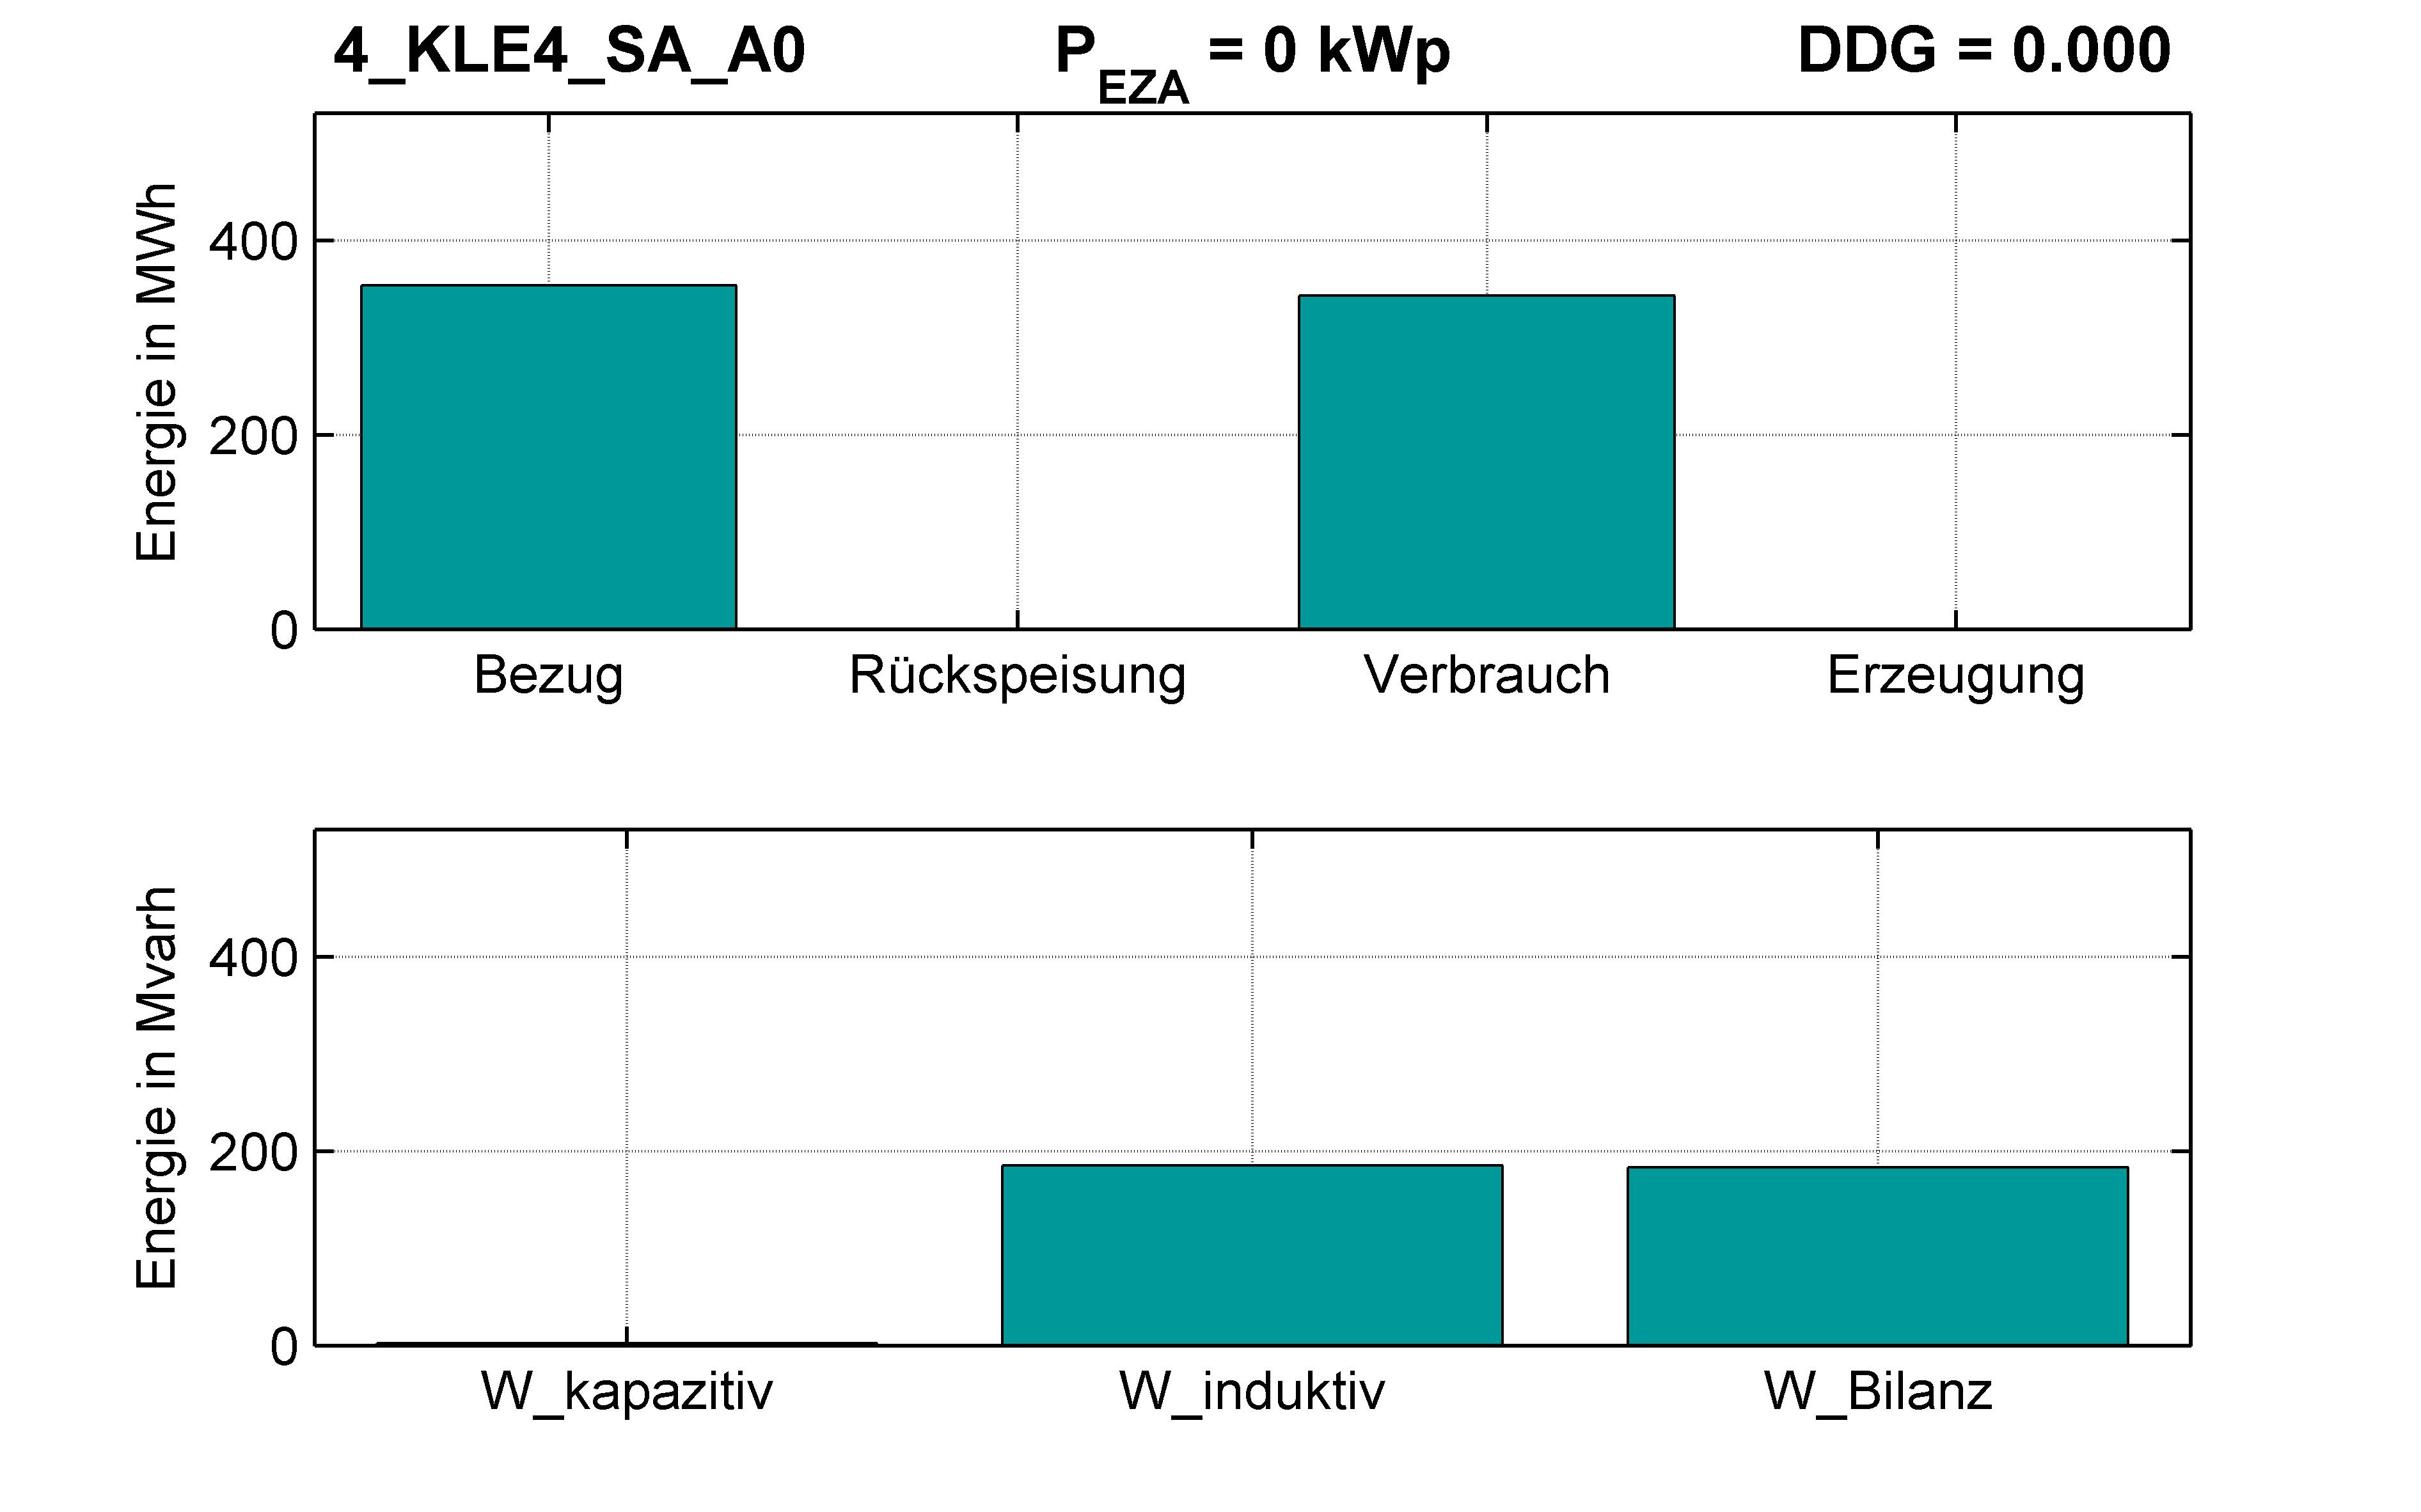 KLE4 | P-Kappung 55% (SA) A0 | PQ-Bilanz